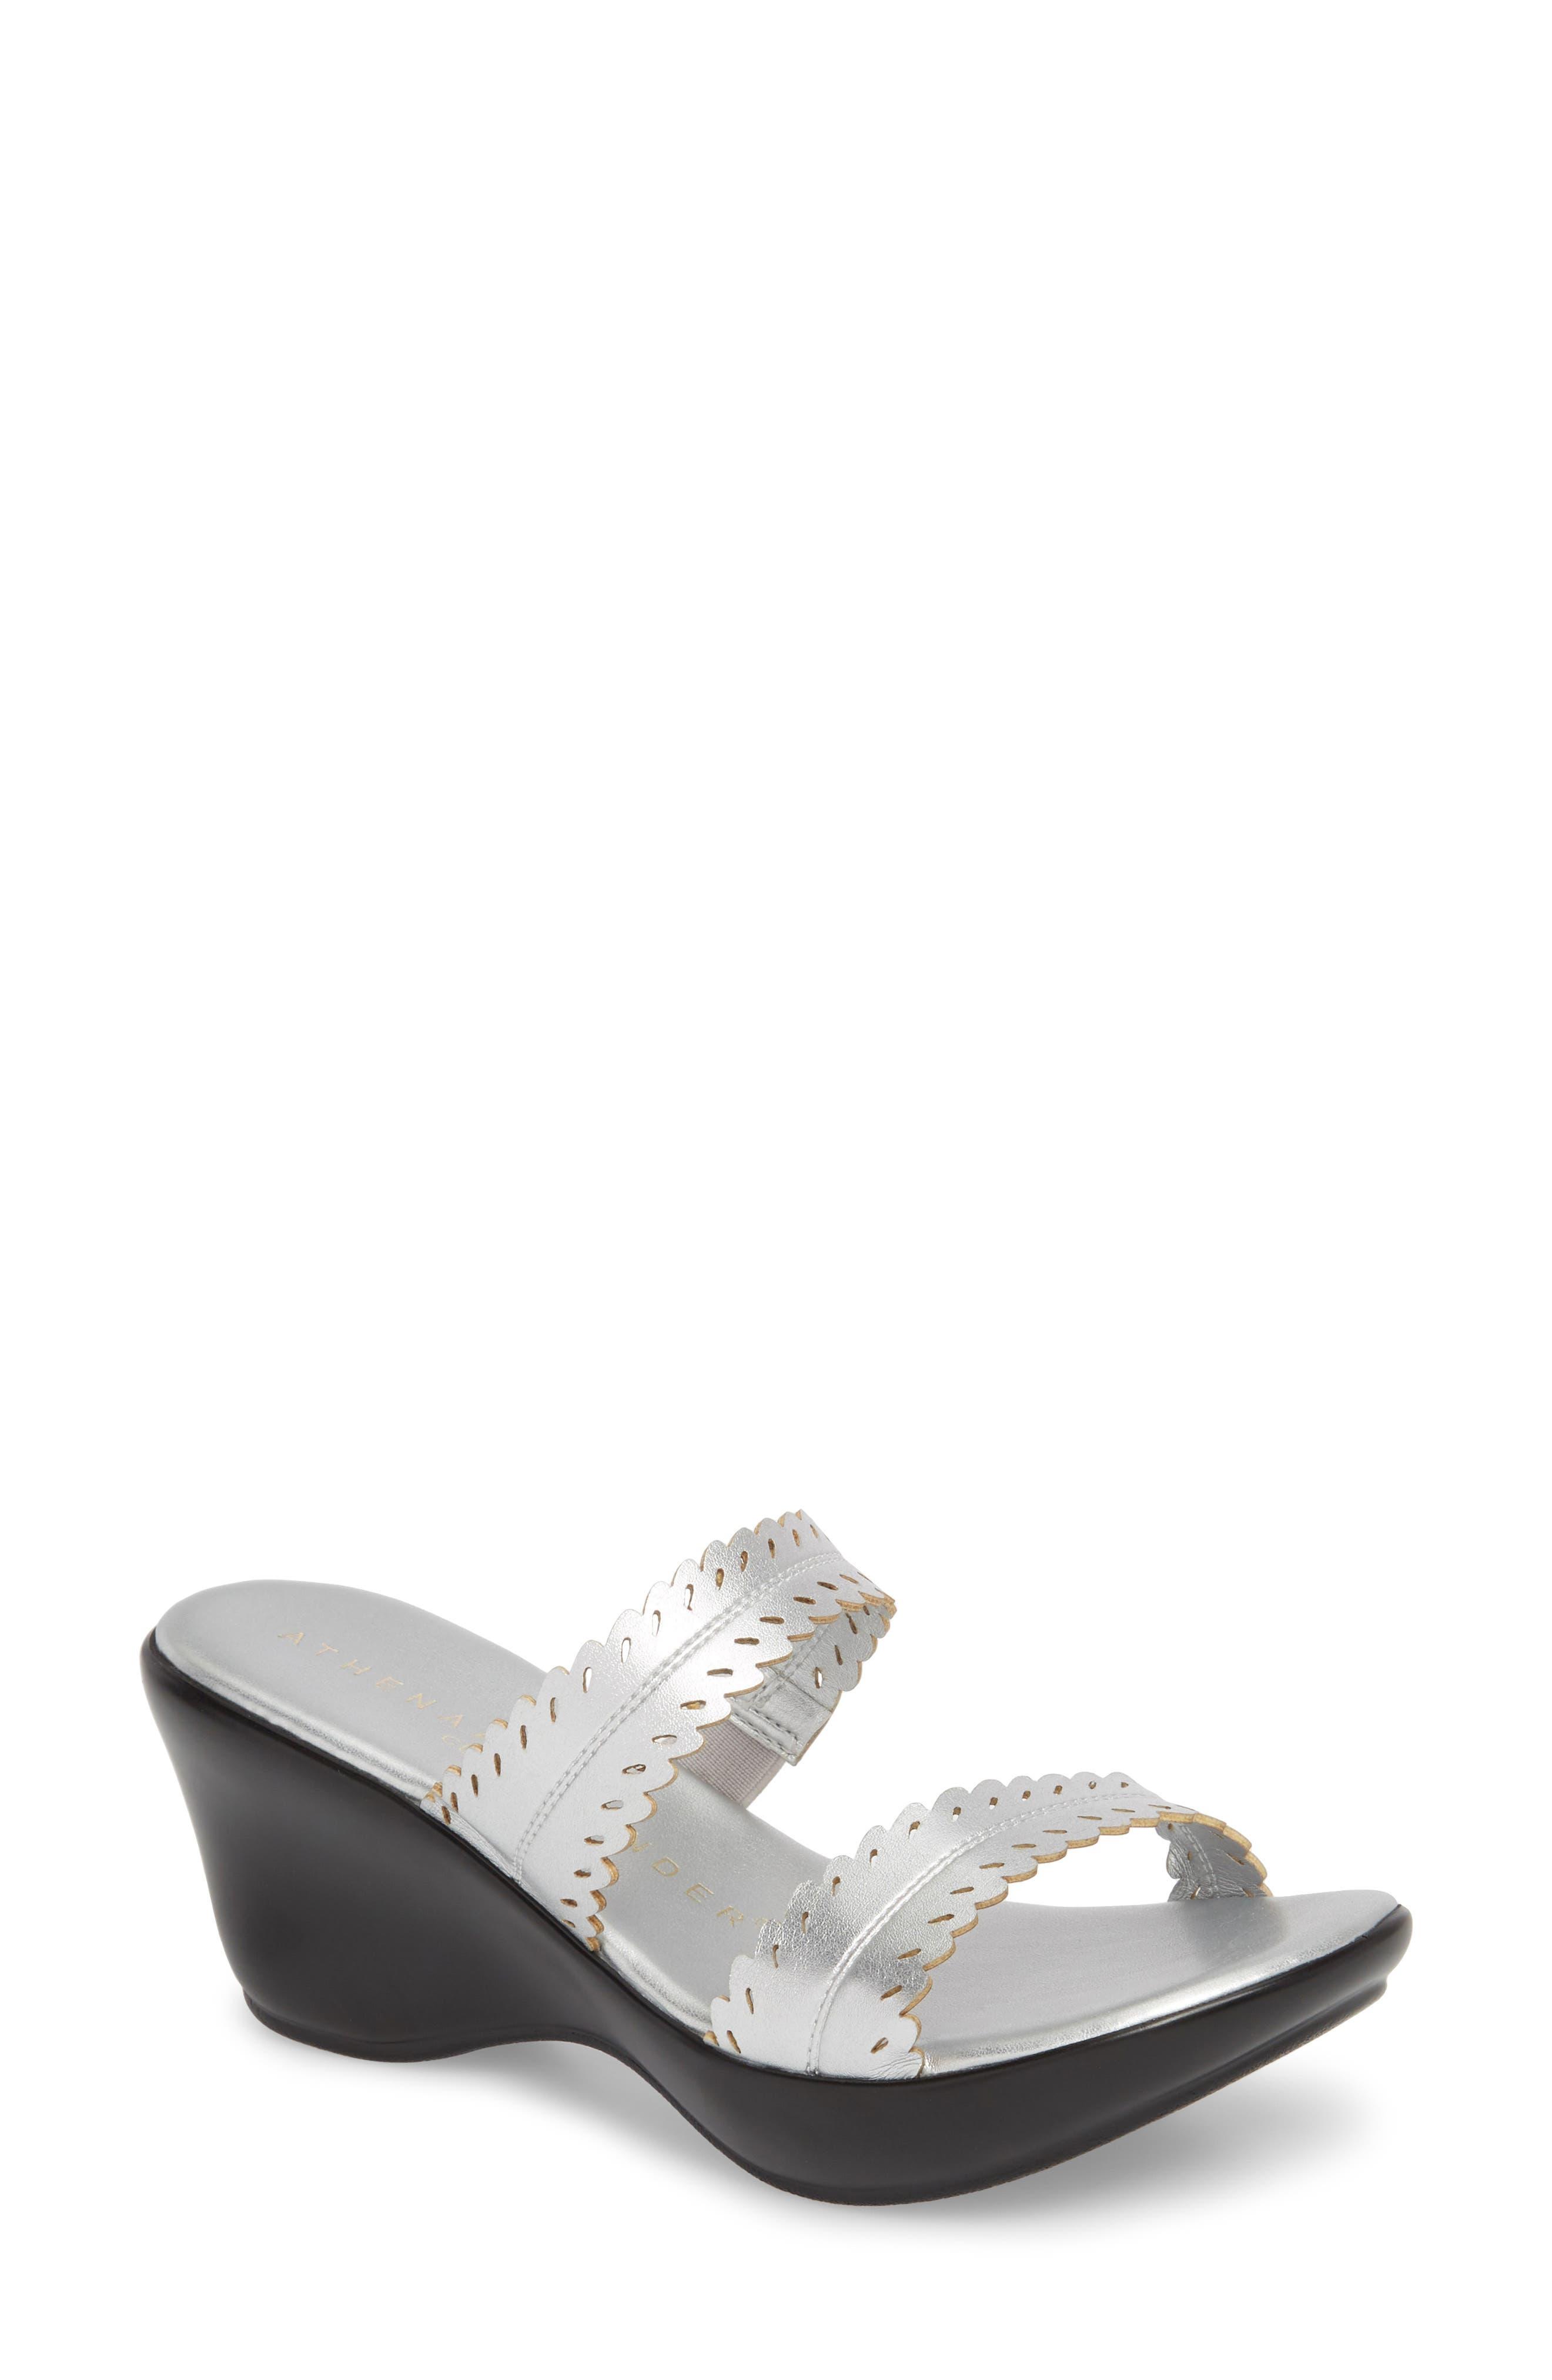 Athena Alexander Pouty Wedge Sandal- Metallic